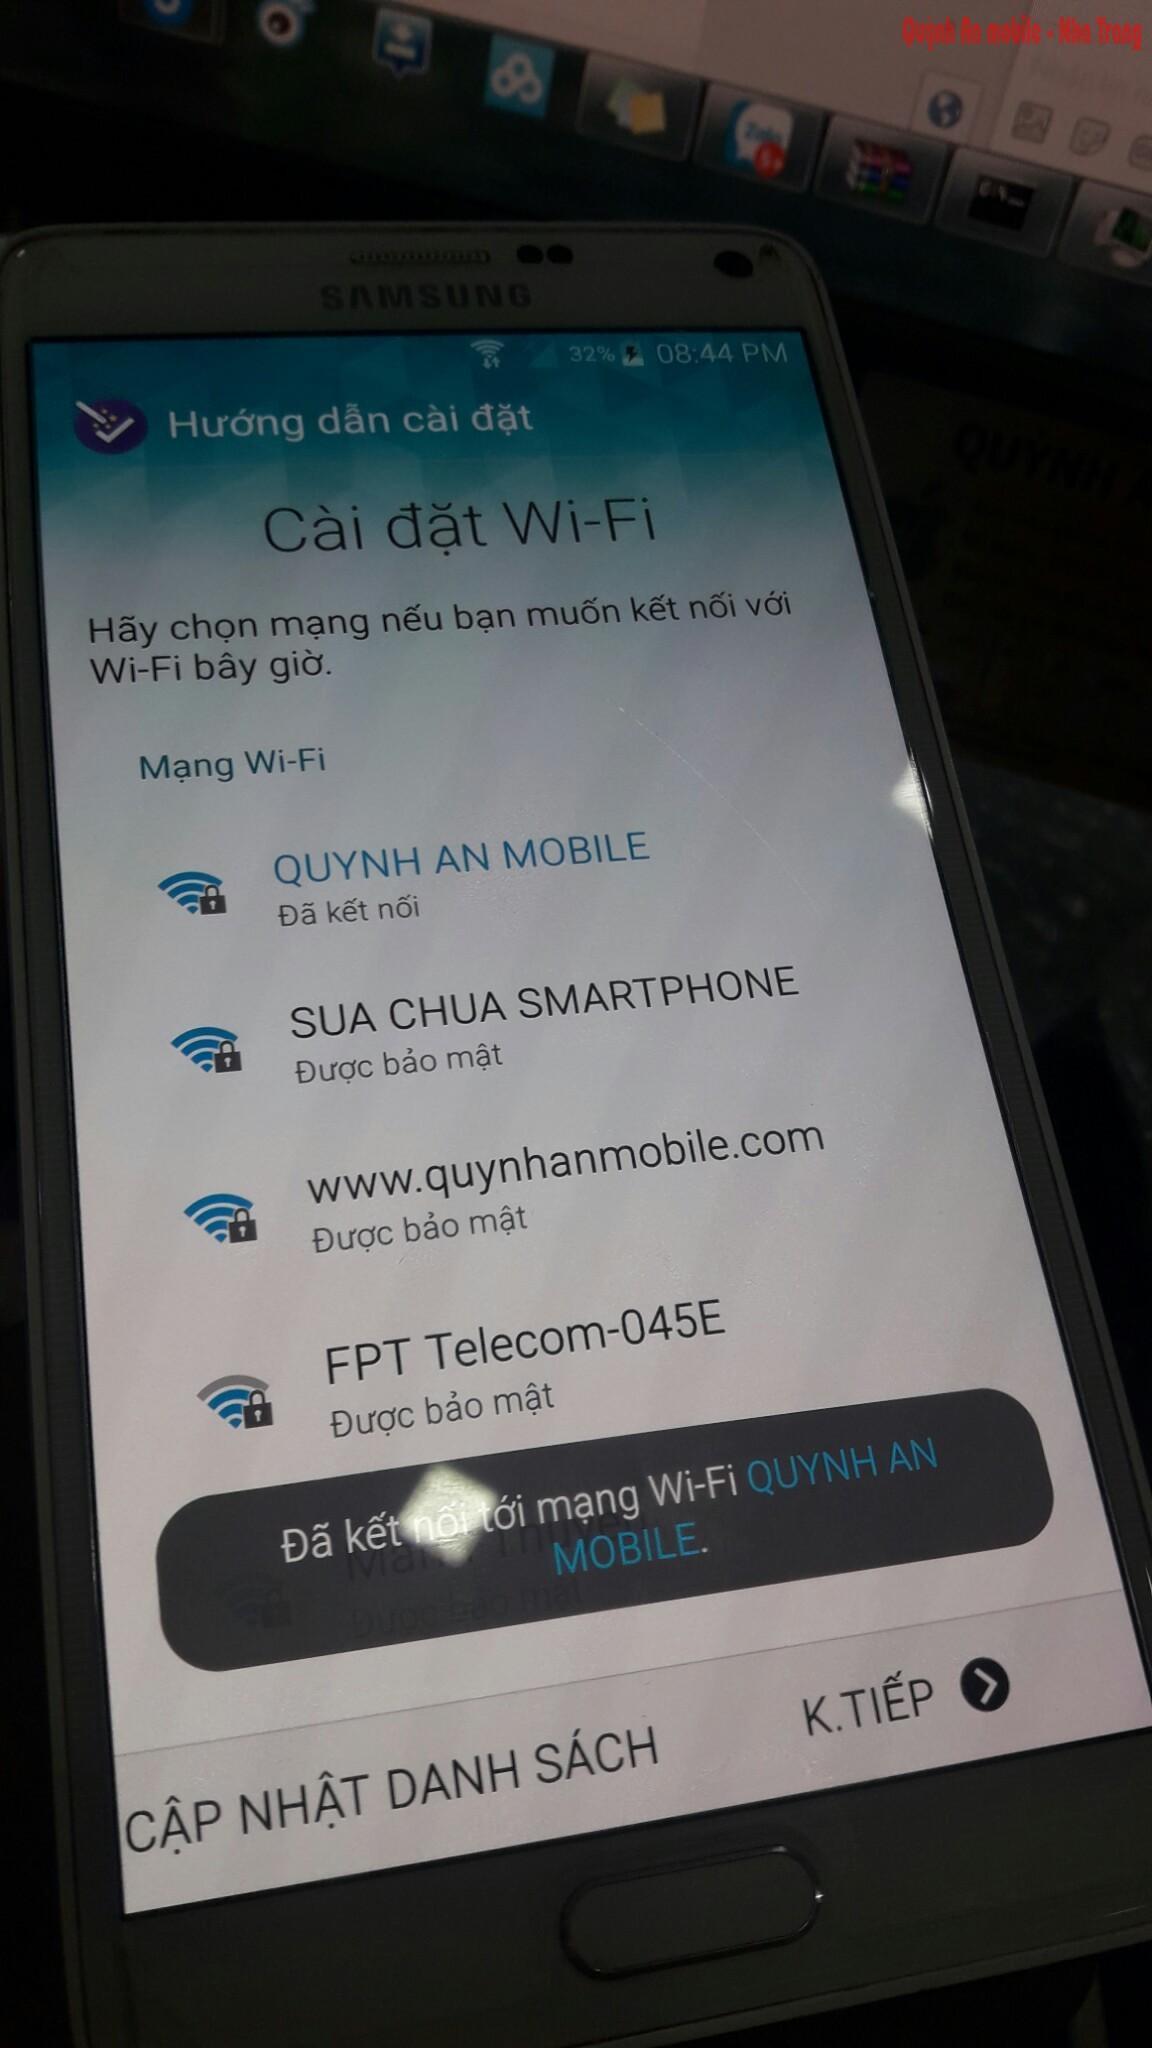 Sau khi xóa tài khoản Samsung trên note 4 verizon SM-N910V tại Quỳnh An mobile